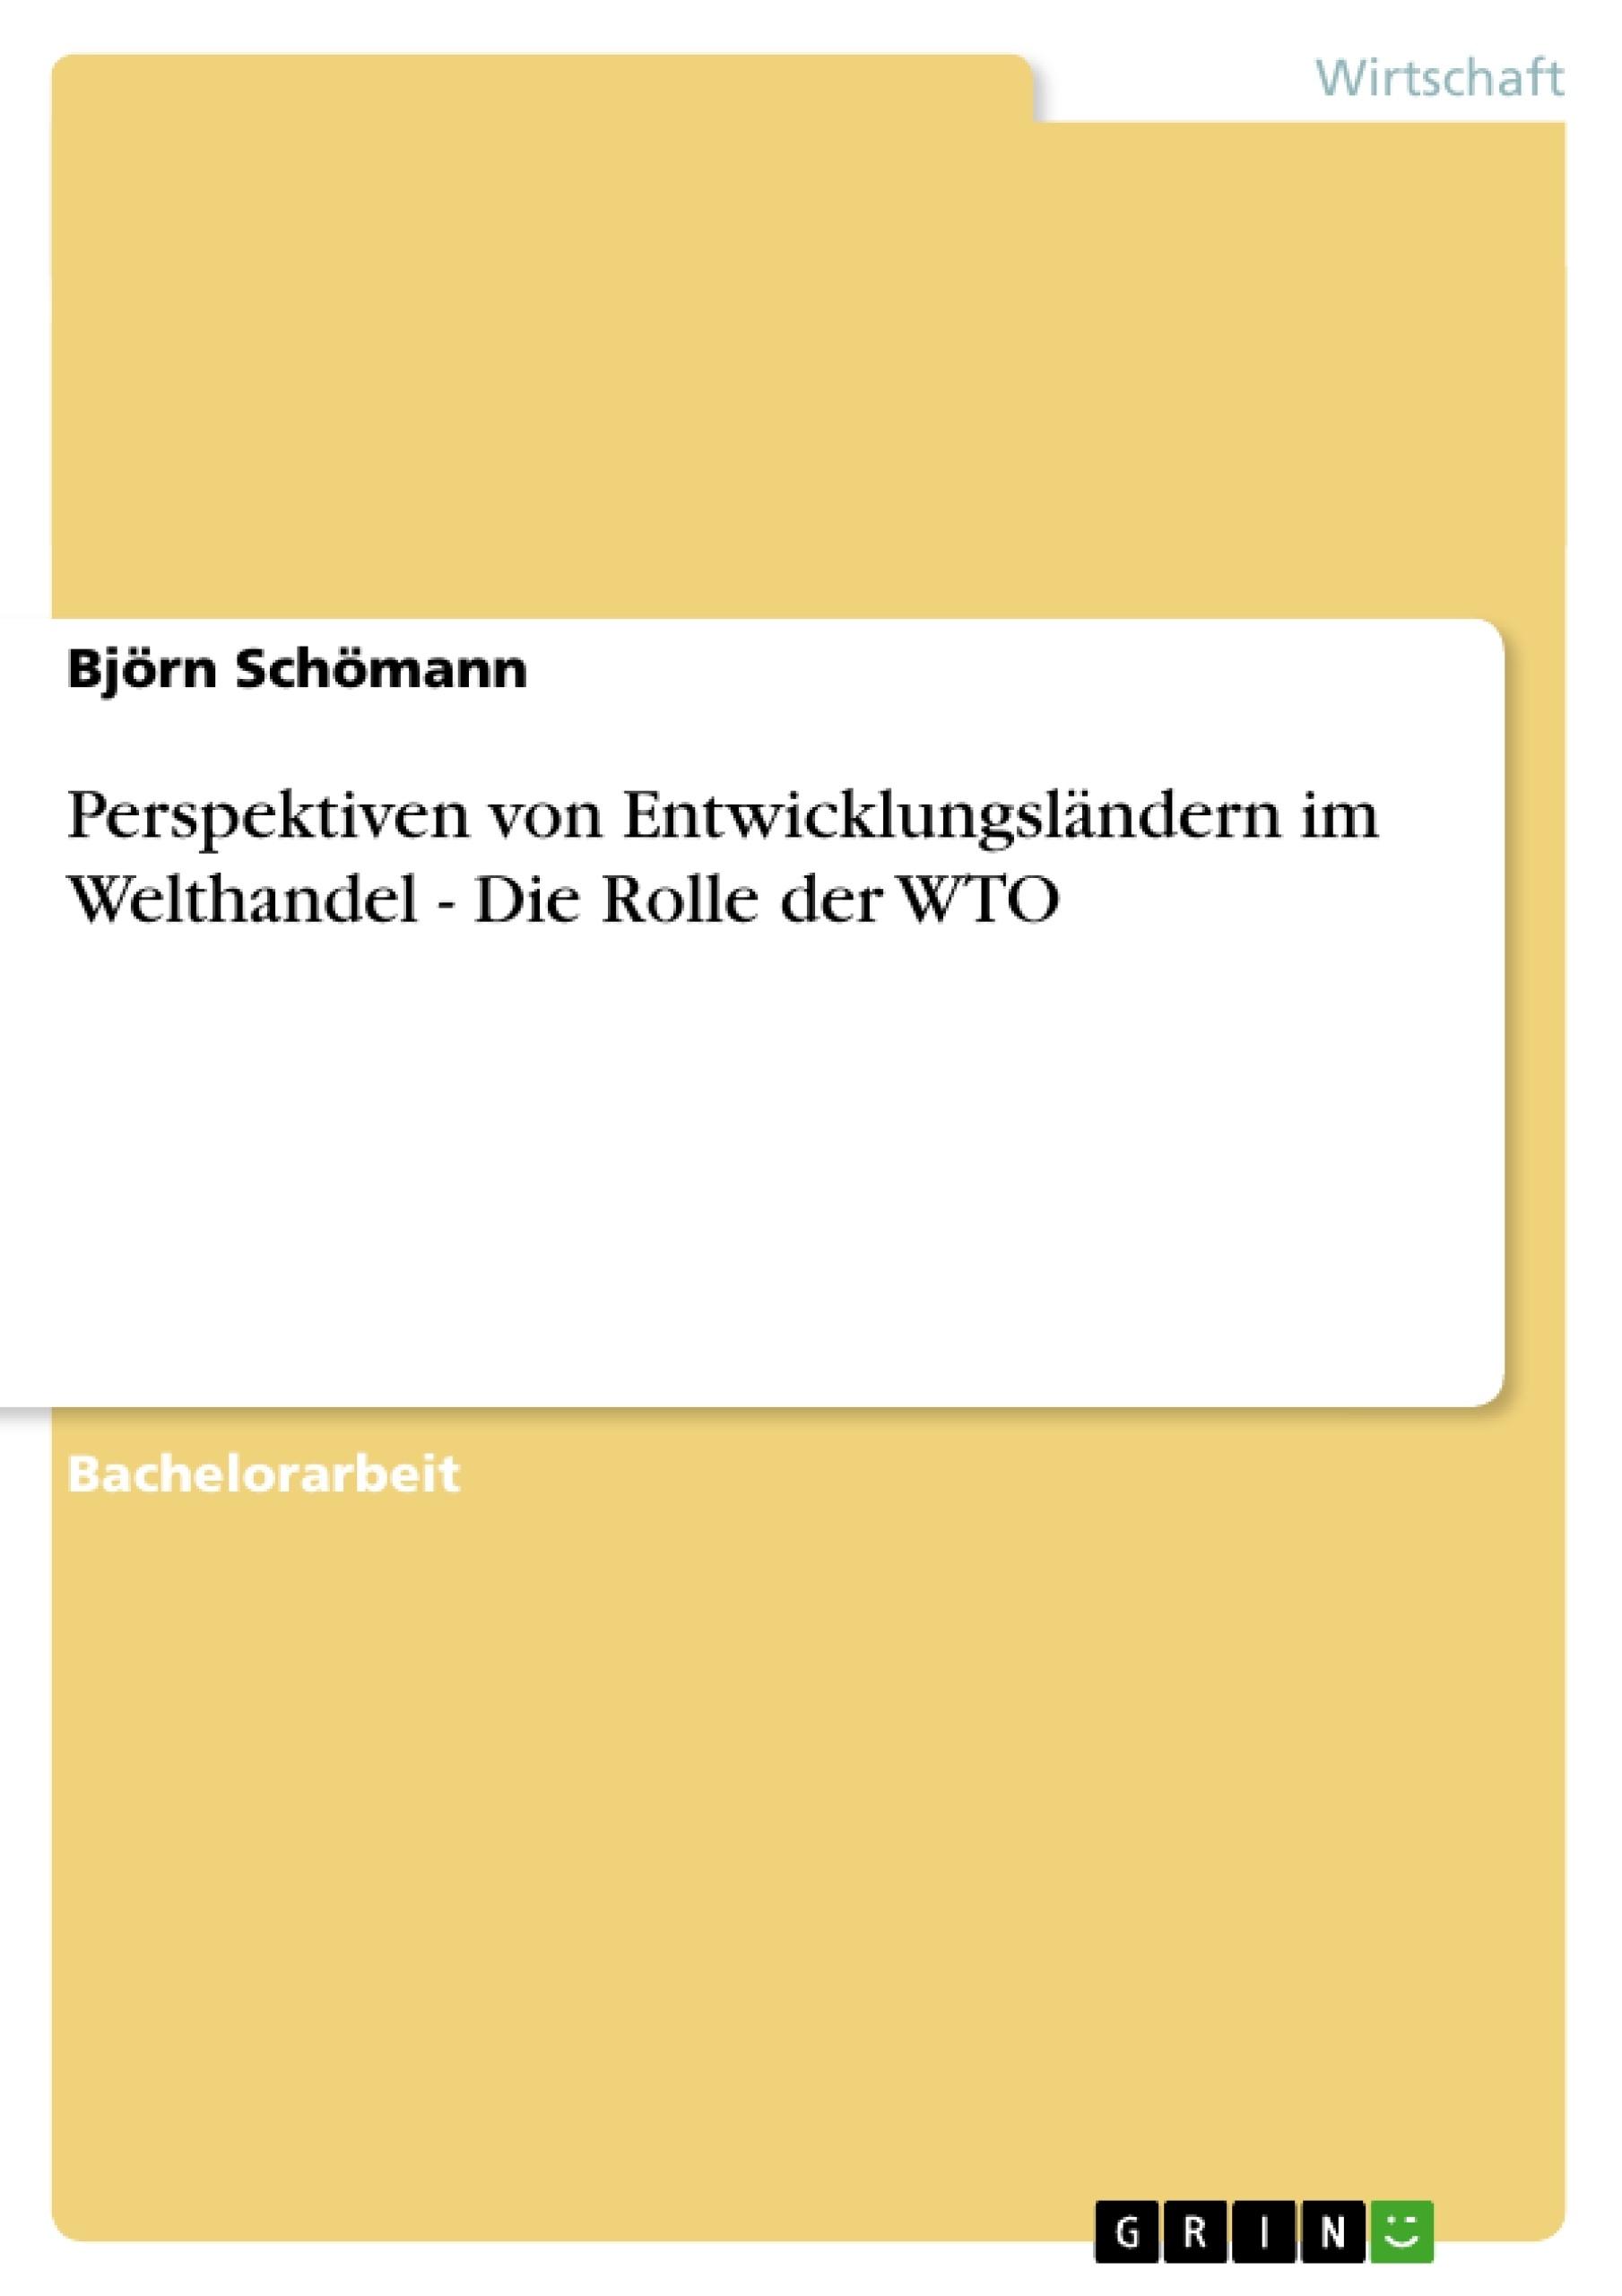 Titel: Perspektiven von Entwicklungsländern im Welthandel - Die Rolle der WTO